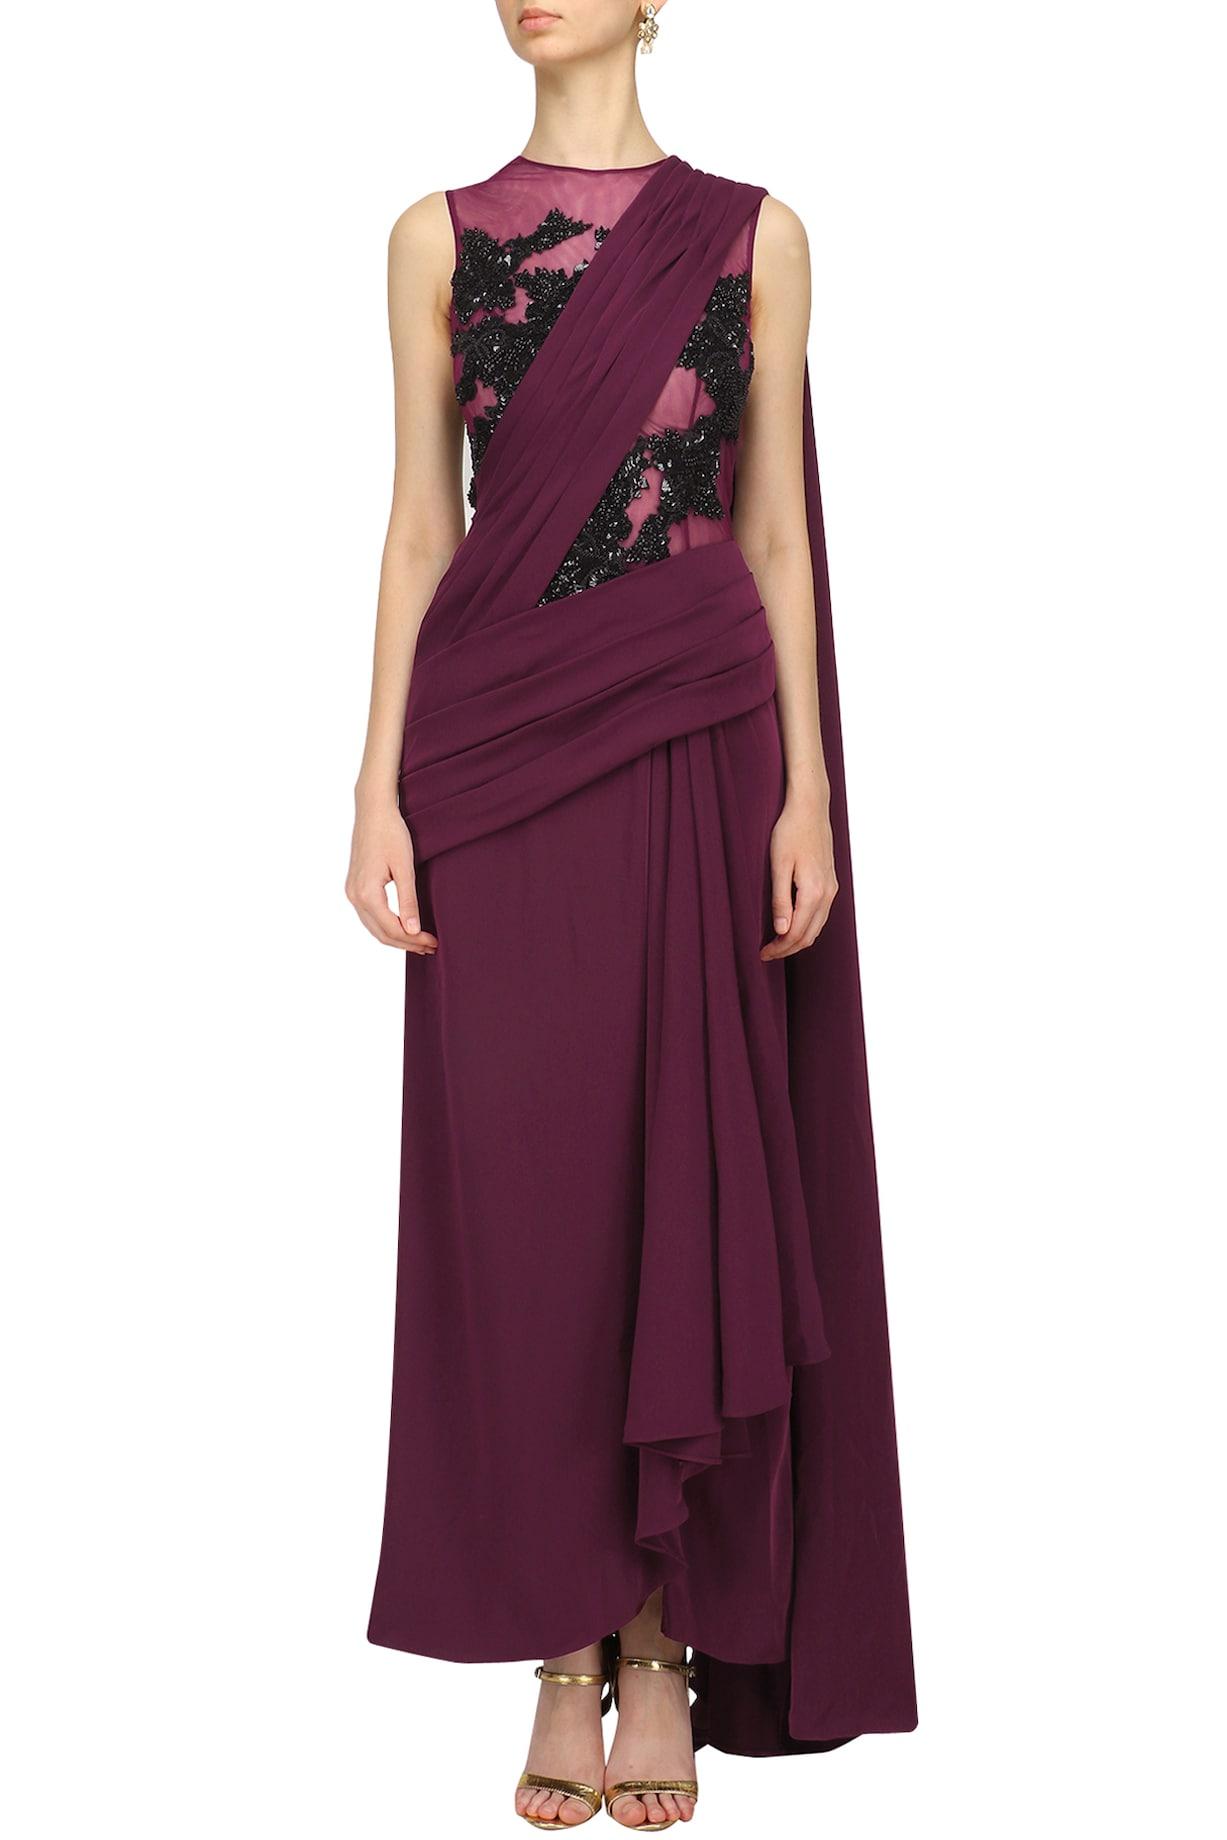 Neeta Lulla Gowns